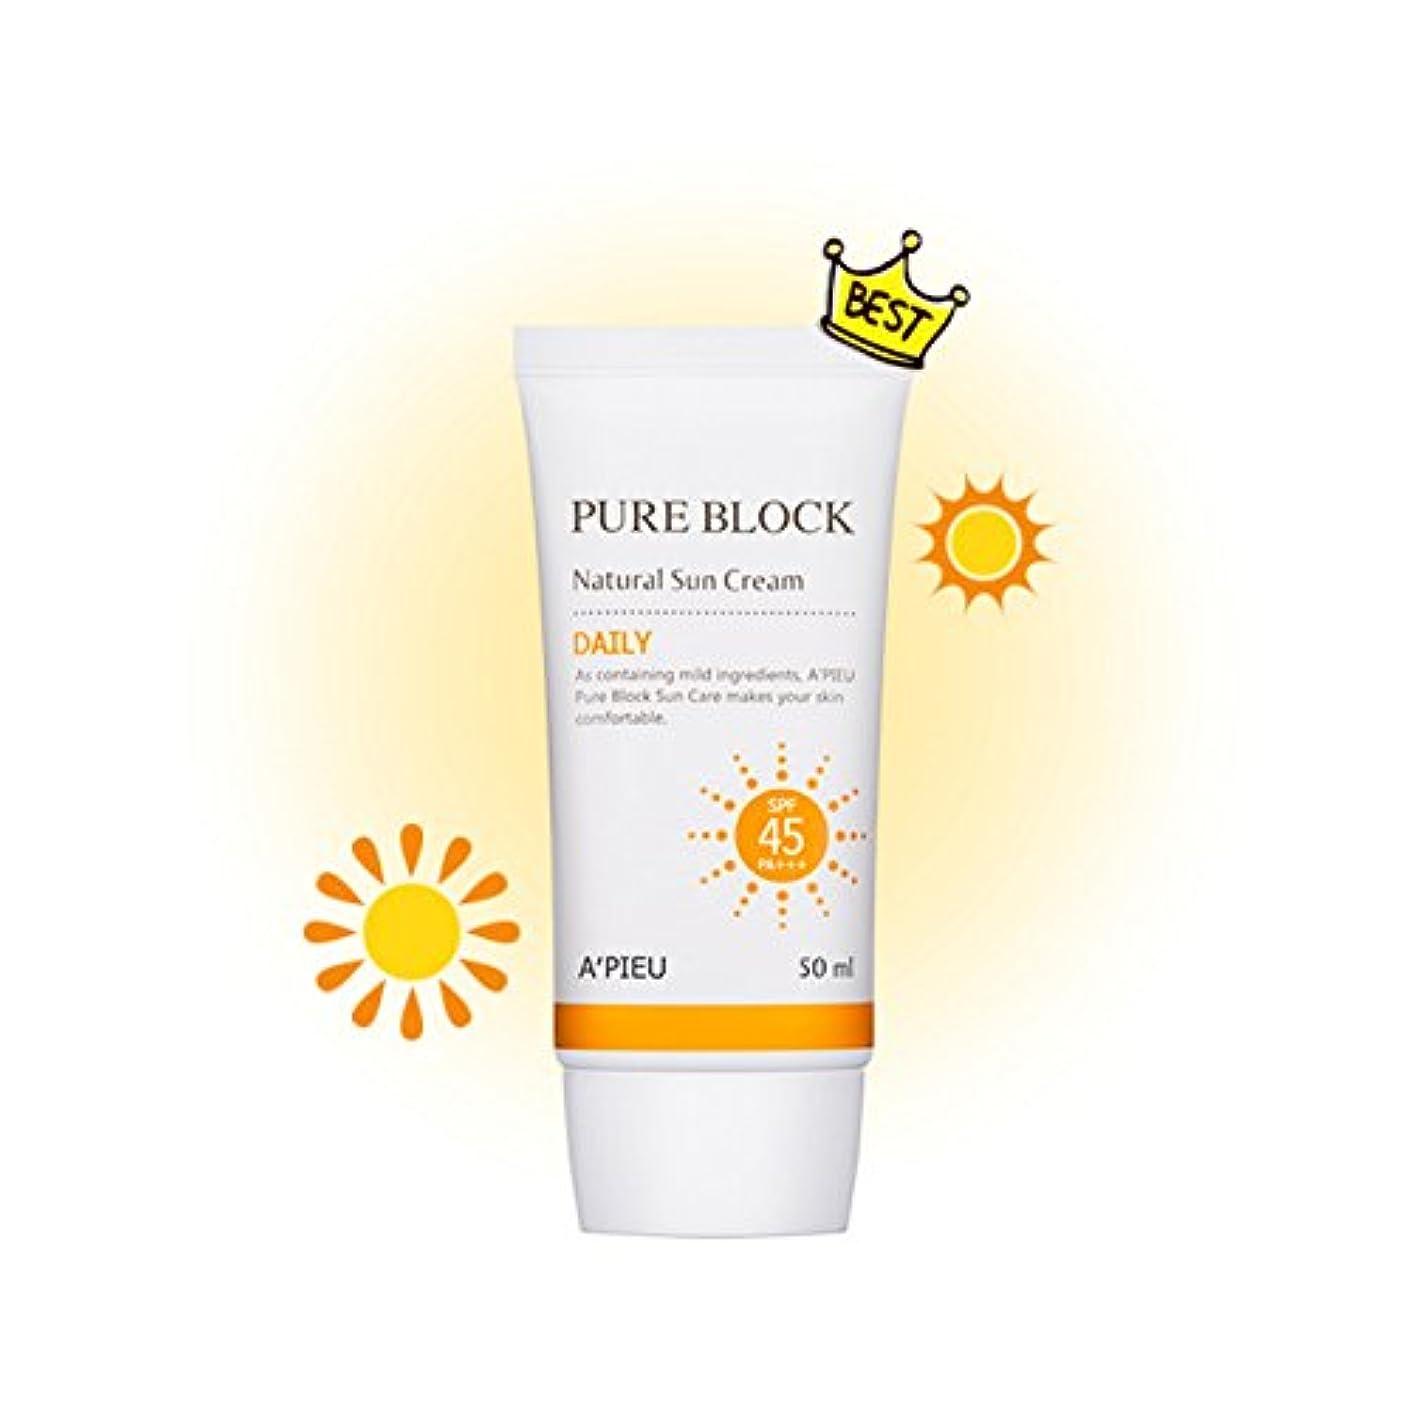 花束ジャンピングジャックカウンタ[オピュ] A'PIEU ピュアブロックナチュラルデイリー日焼け止め Pure Block Natural Daily Sun Cream SPF 45 PA+++ [並行輸入品]